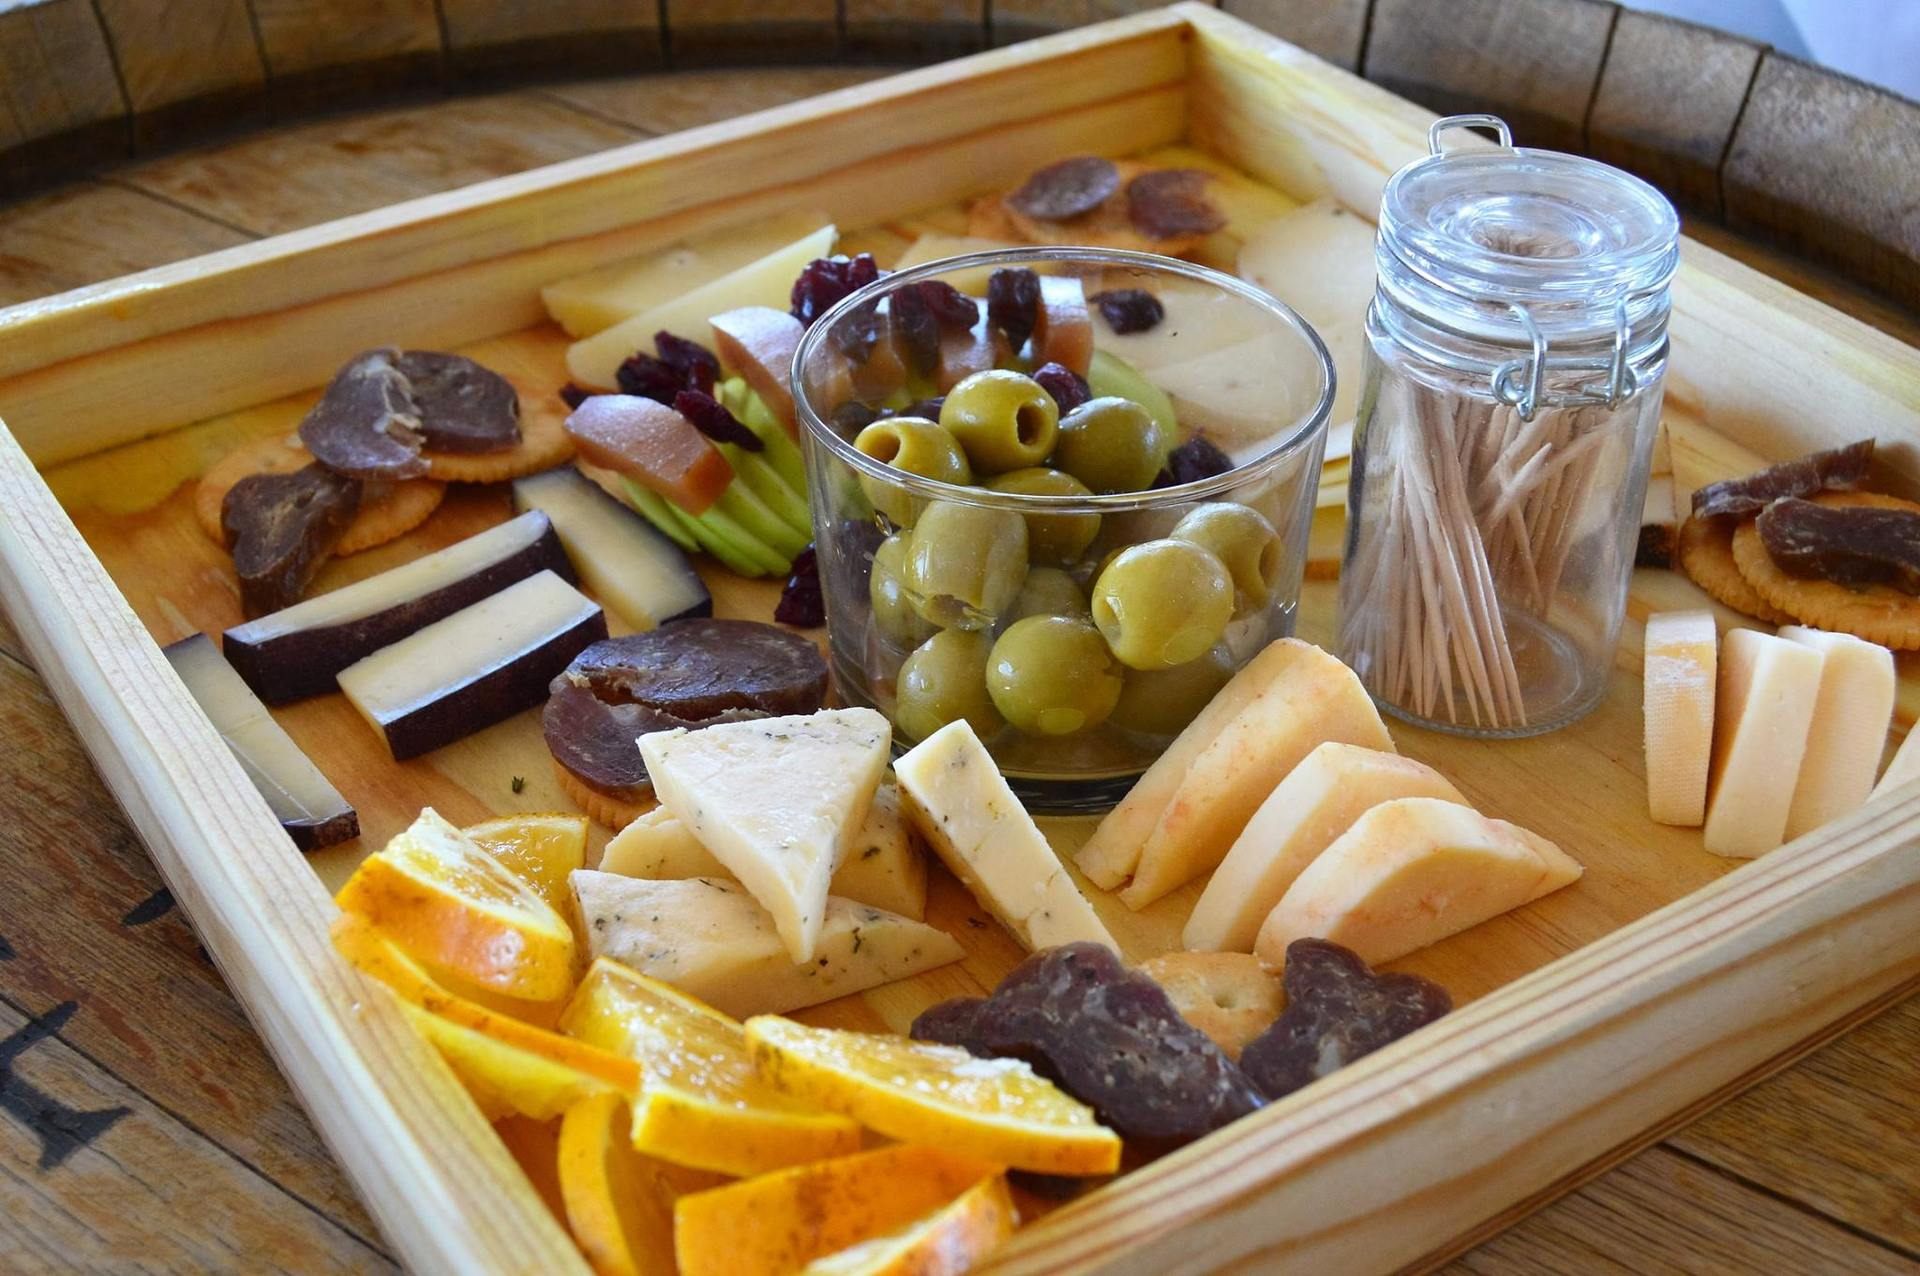 チーズ工房 ボカネグラ | ケレタロ在住カリーさんのおすすめ料理・食べ物